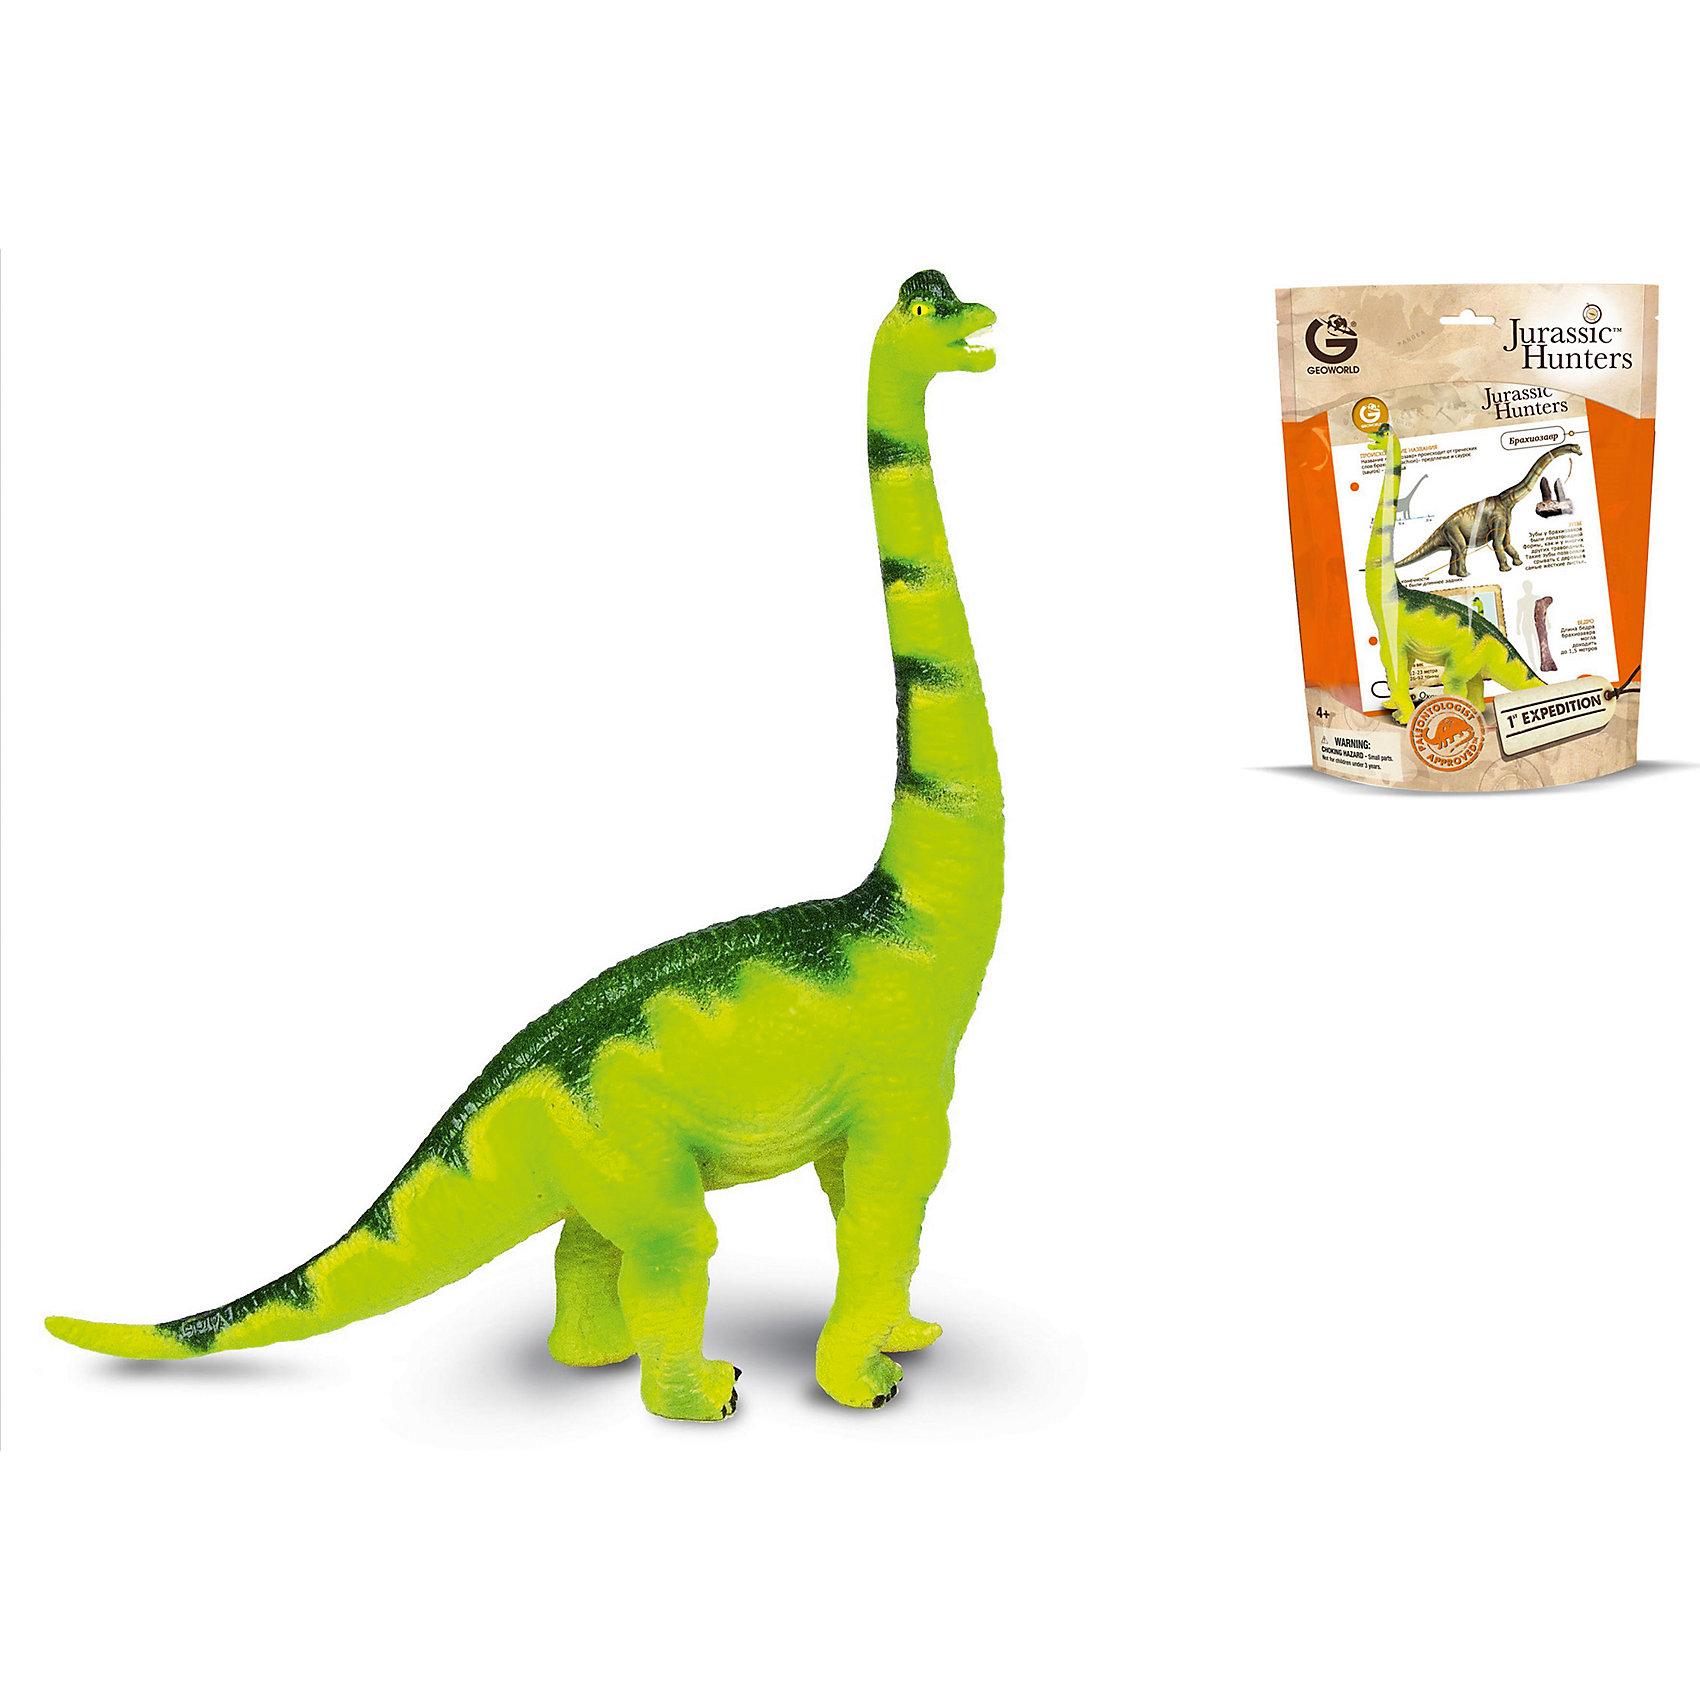 Динозавр Брахиозавр, коллекция Jurassic Hunters, GeoworldДраконы и динозавры<br>Характеристики товара:<br><br>• материал: пластик<br>• возраст: от 4 лет<br>• масштаб: 1:85<br>• в комплекте: фигурка динозавра, страница с научной информацией о динозавре, мини-буклет с указанием полной коллекции Jurassic Hunters (Охотников за Динозаврами)<br>• длина игрушки: 15 см<br>• габариты упаковки: 34х21х8 см<br>• вес: 106 г<br>• страна бренда: Италия<br><br>Детализированная фигурка отлично впишется в коллекцию динозавров юного палеонтолога. Уникальный дизайн, проработанные мелкие детали и художественное исполнение сделали игрушку очень реалистичной и перенесли ее в раздел коллекционных моделей. Материалы, использованные при изготовлении товаров, проходят проверку на качество и соответствие международным требованиям по безопасности.<br>Такие фигурки помогают привить детям любовь к учебе, развить воображение и интерес к коллекционированию.<br><br>Динозавр Брахиозавр, коллекция Jurassic Hunter, от бренда Geoworld можно купить в нашем интернет-магазине.<br><br>Ширина мм: 210<br>Глубина мм: 80<br>Высота мм: 270<br>Вес г: 106<br>Возраст от месяцев: 48<br>Возраст до месяцев: 108<br>Пол: Унисекс<br>Возраст: Детский<br>SKU: 5418990